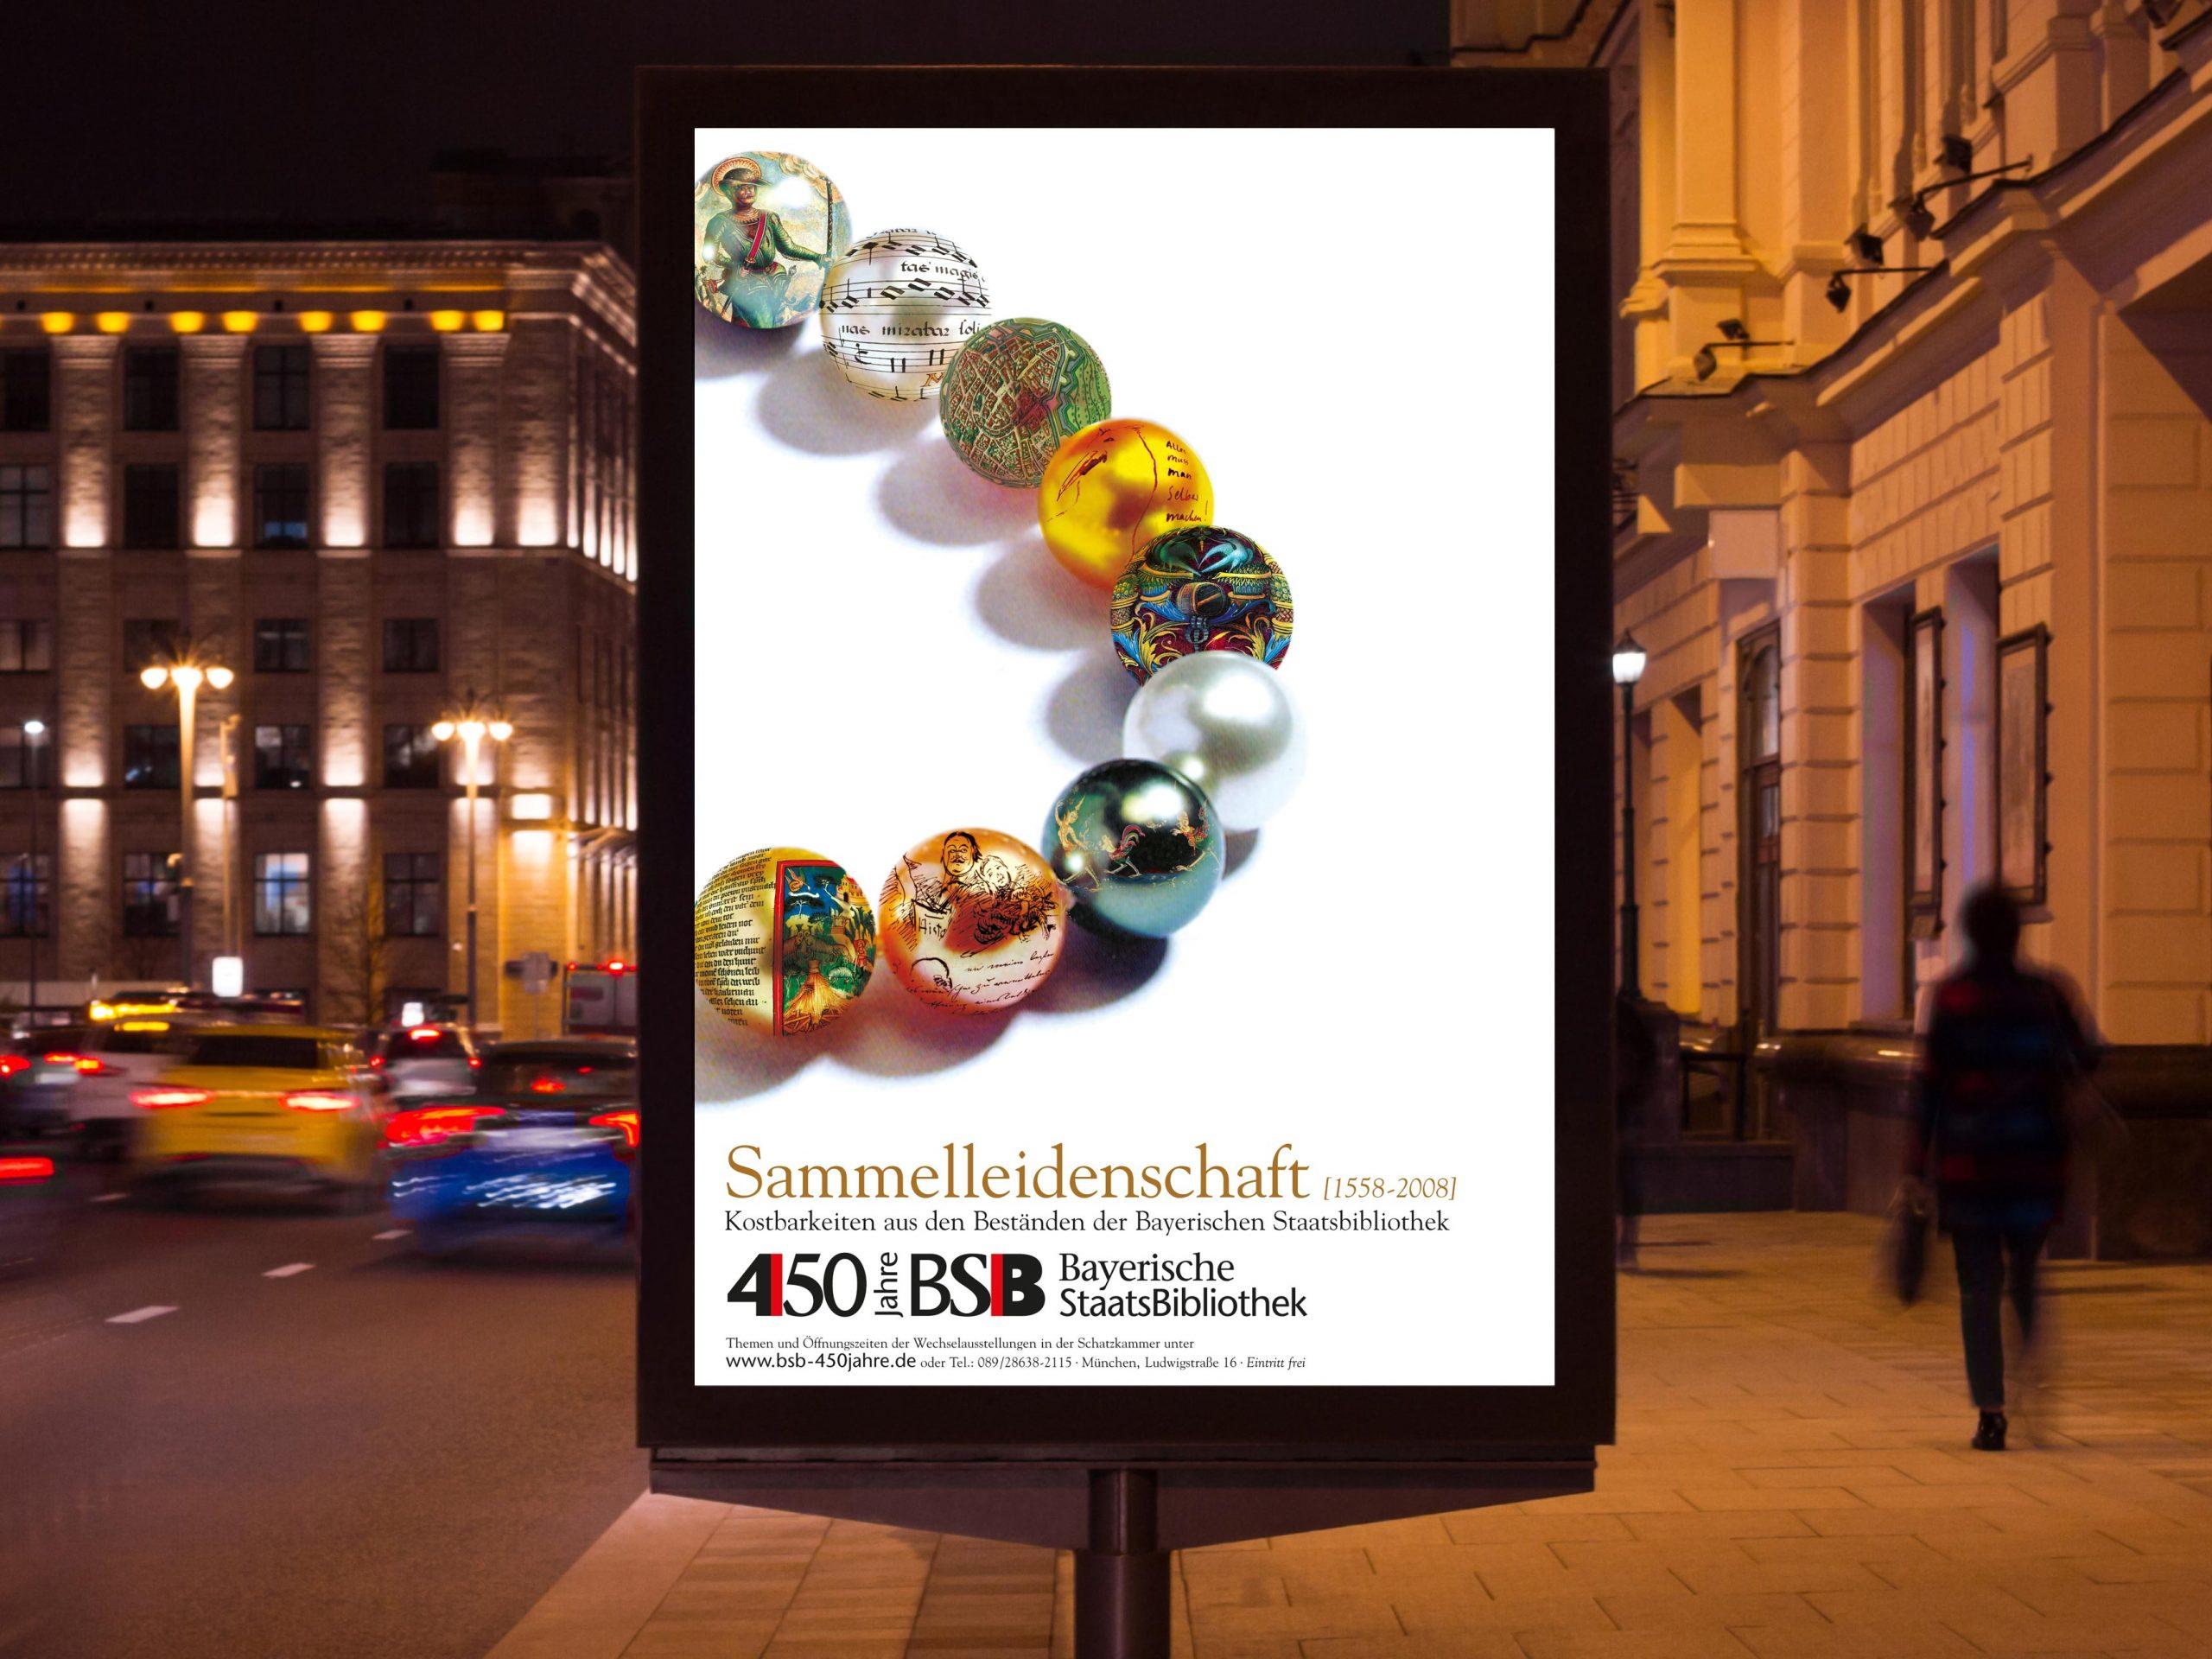 Schöne Plakate gestalten – Marlene Kern Design, Kreativagentur München, ist Ihr Profi für die Gestaltung schönes Plakate.